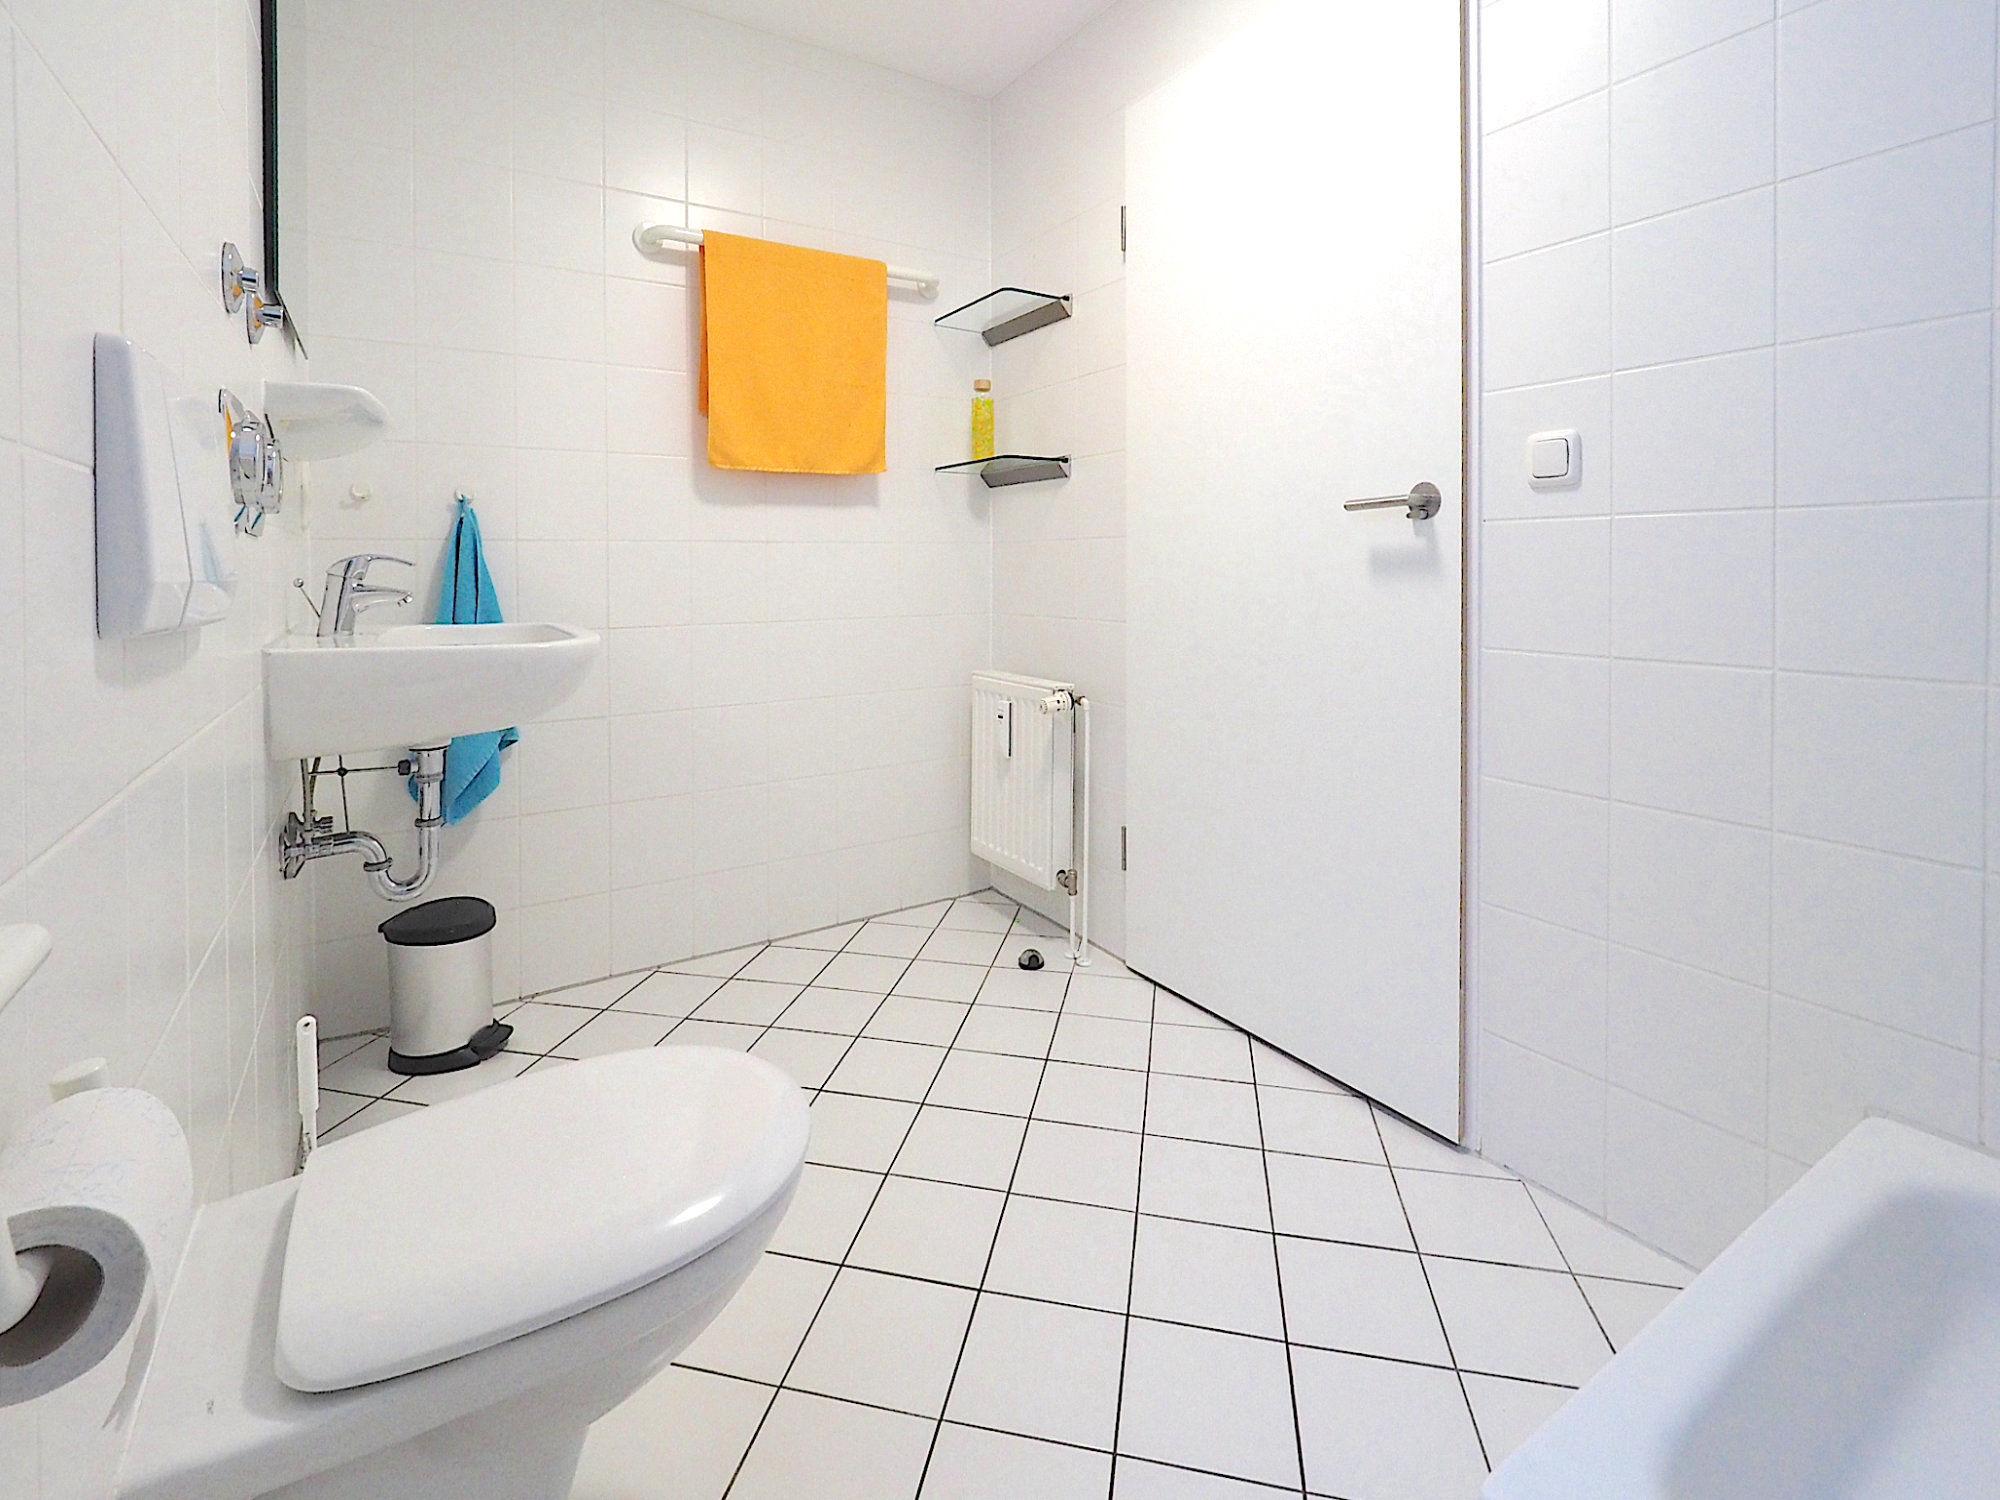 Duschbad mit WC, Waschbecken und Regalen